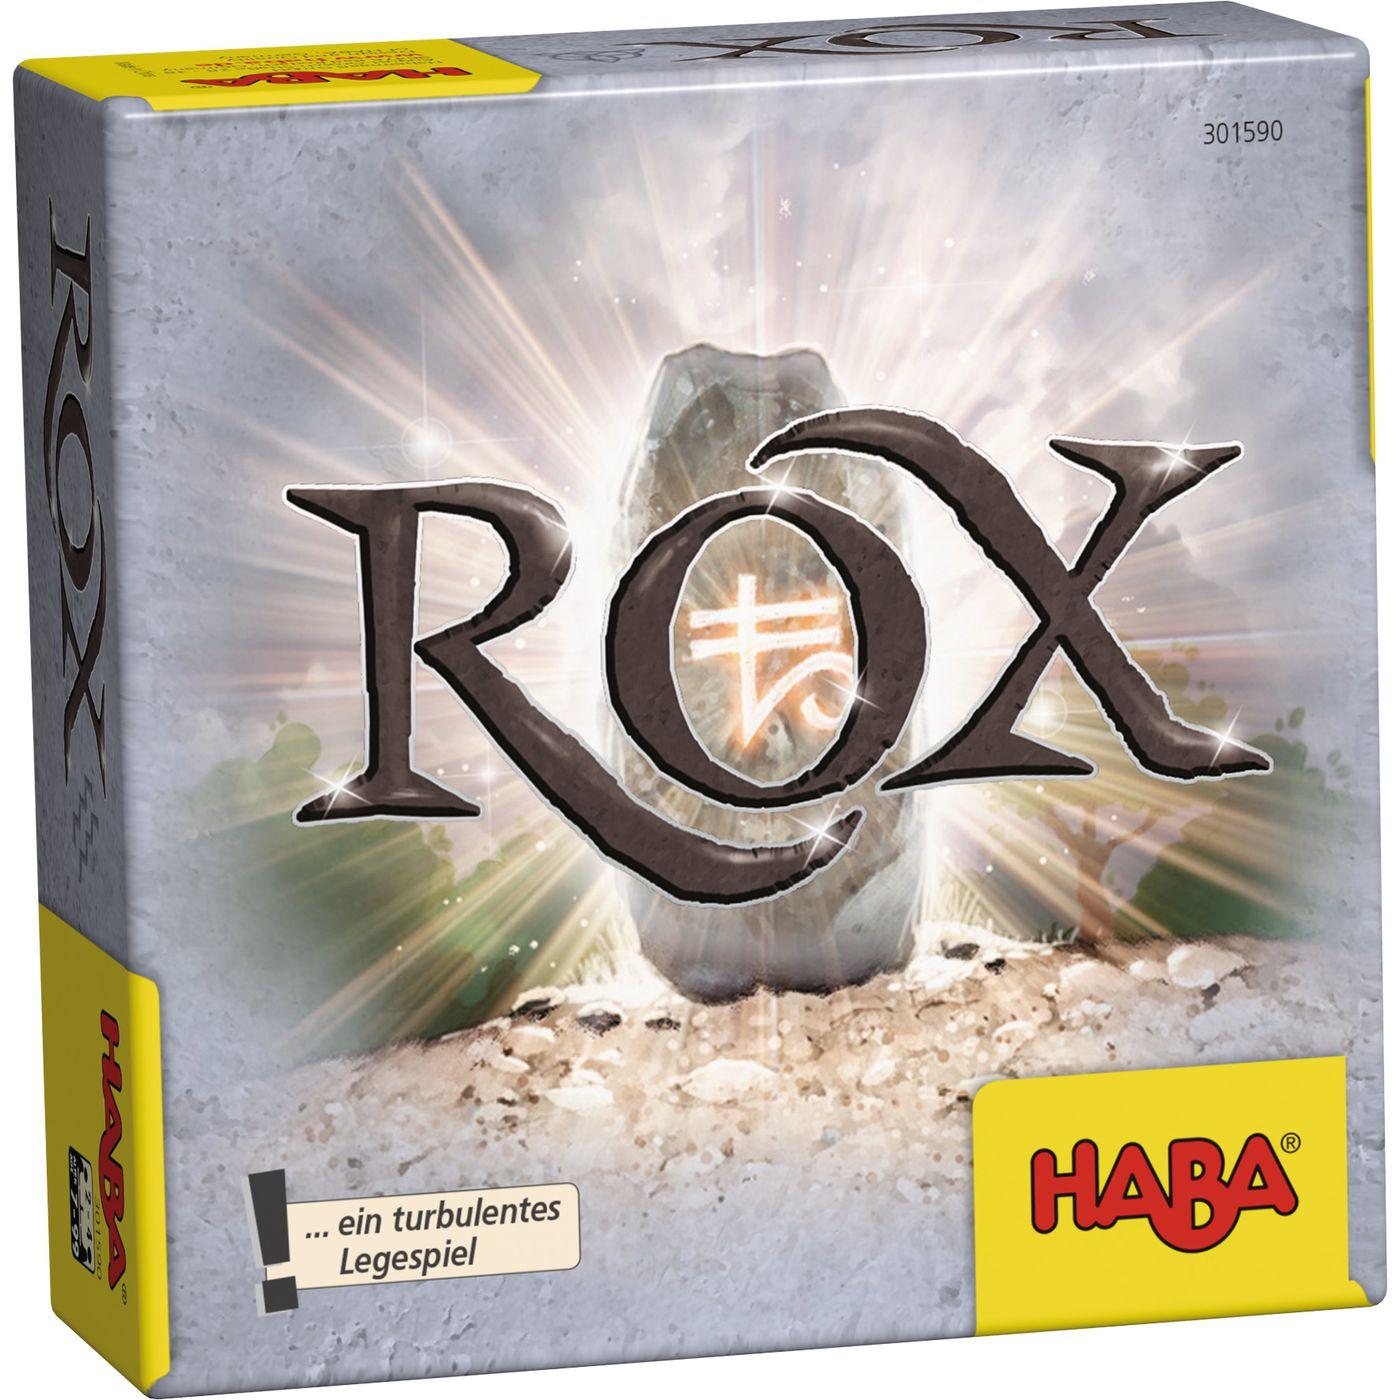 ROX HABA 301590